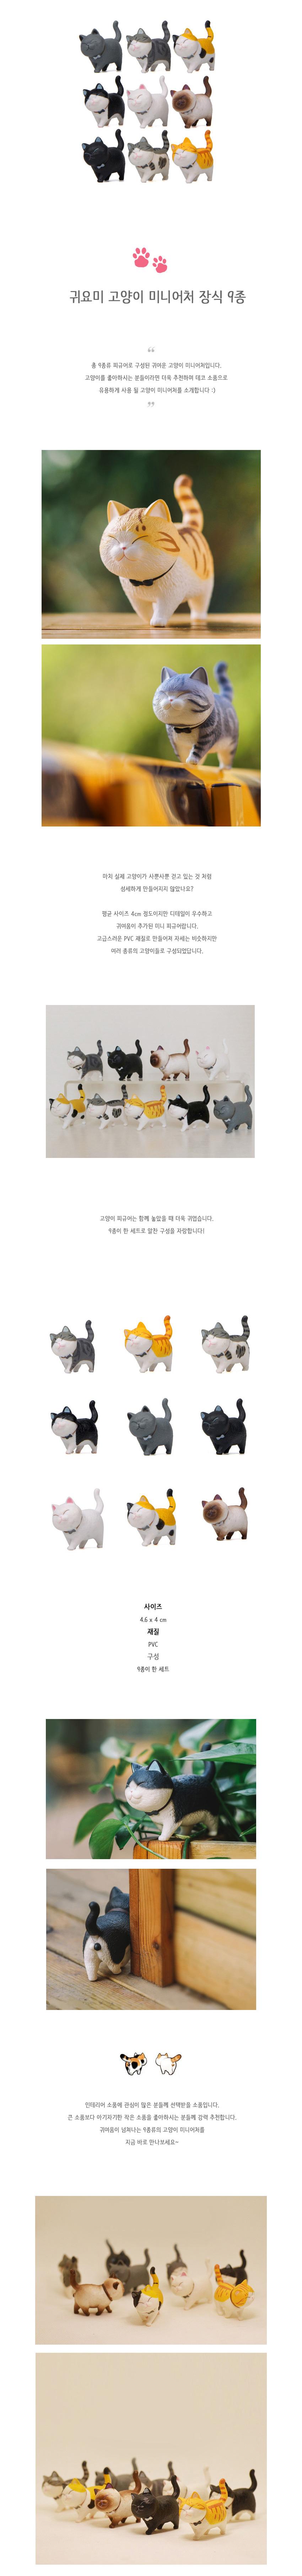 귀요미 고양이 피규어 미니어쳐 9종세트 - 진바스, 13,000원, 미니어처, 동물